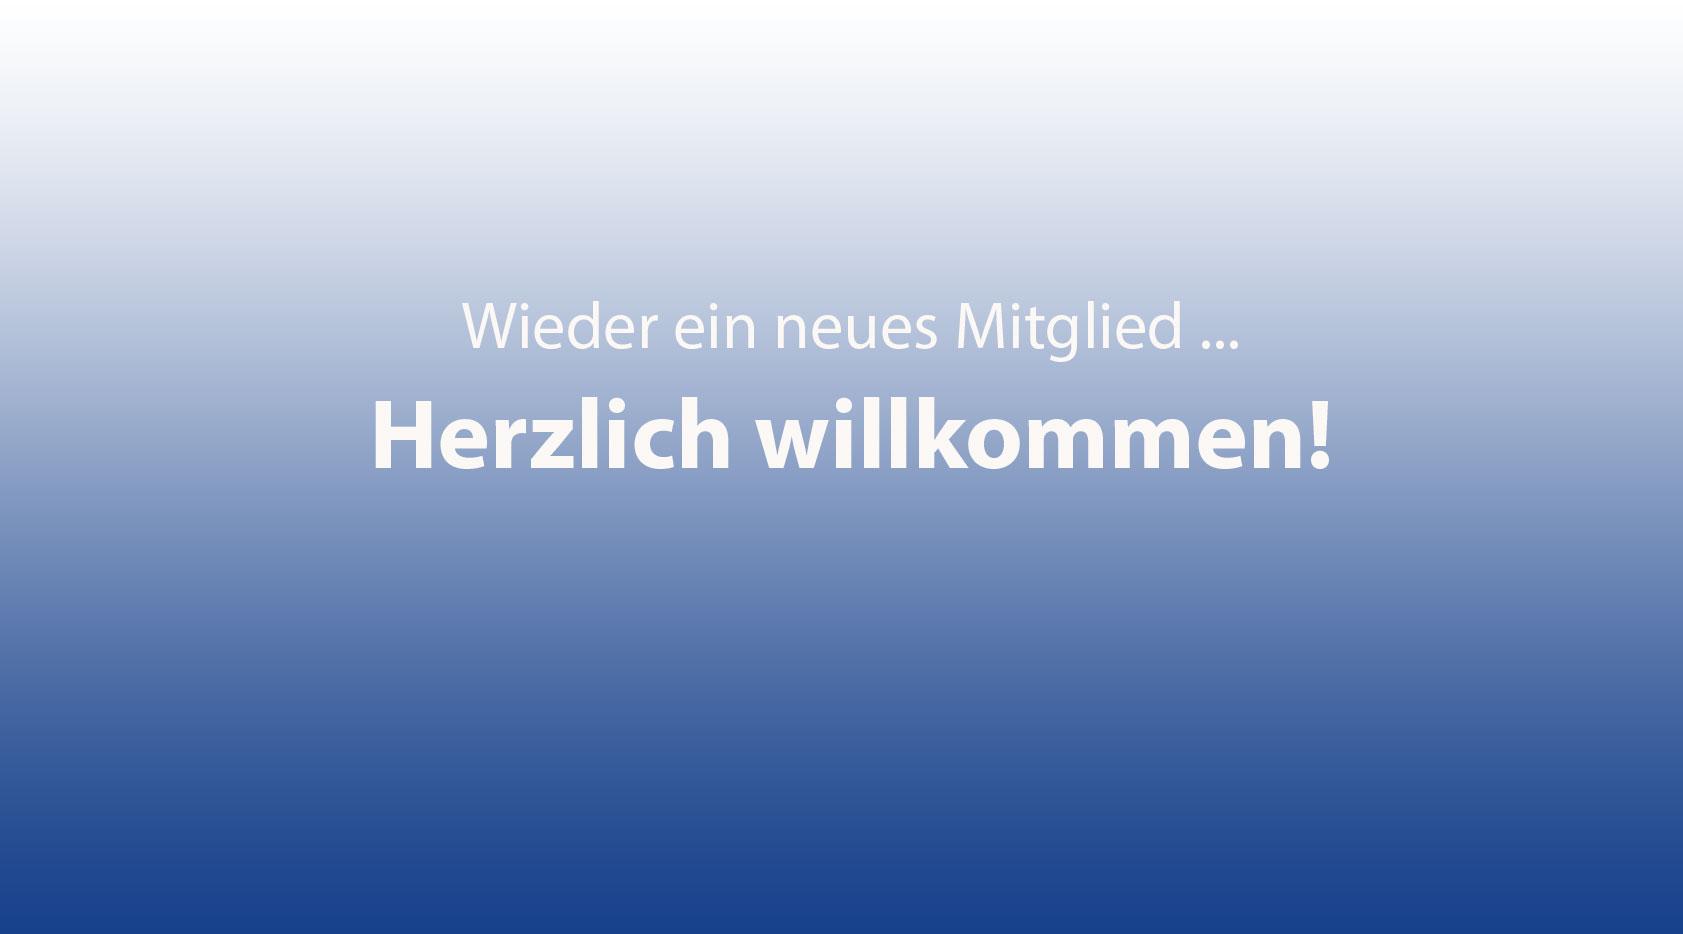 Wir-Mieten.de (seit 12.2017)